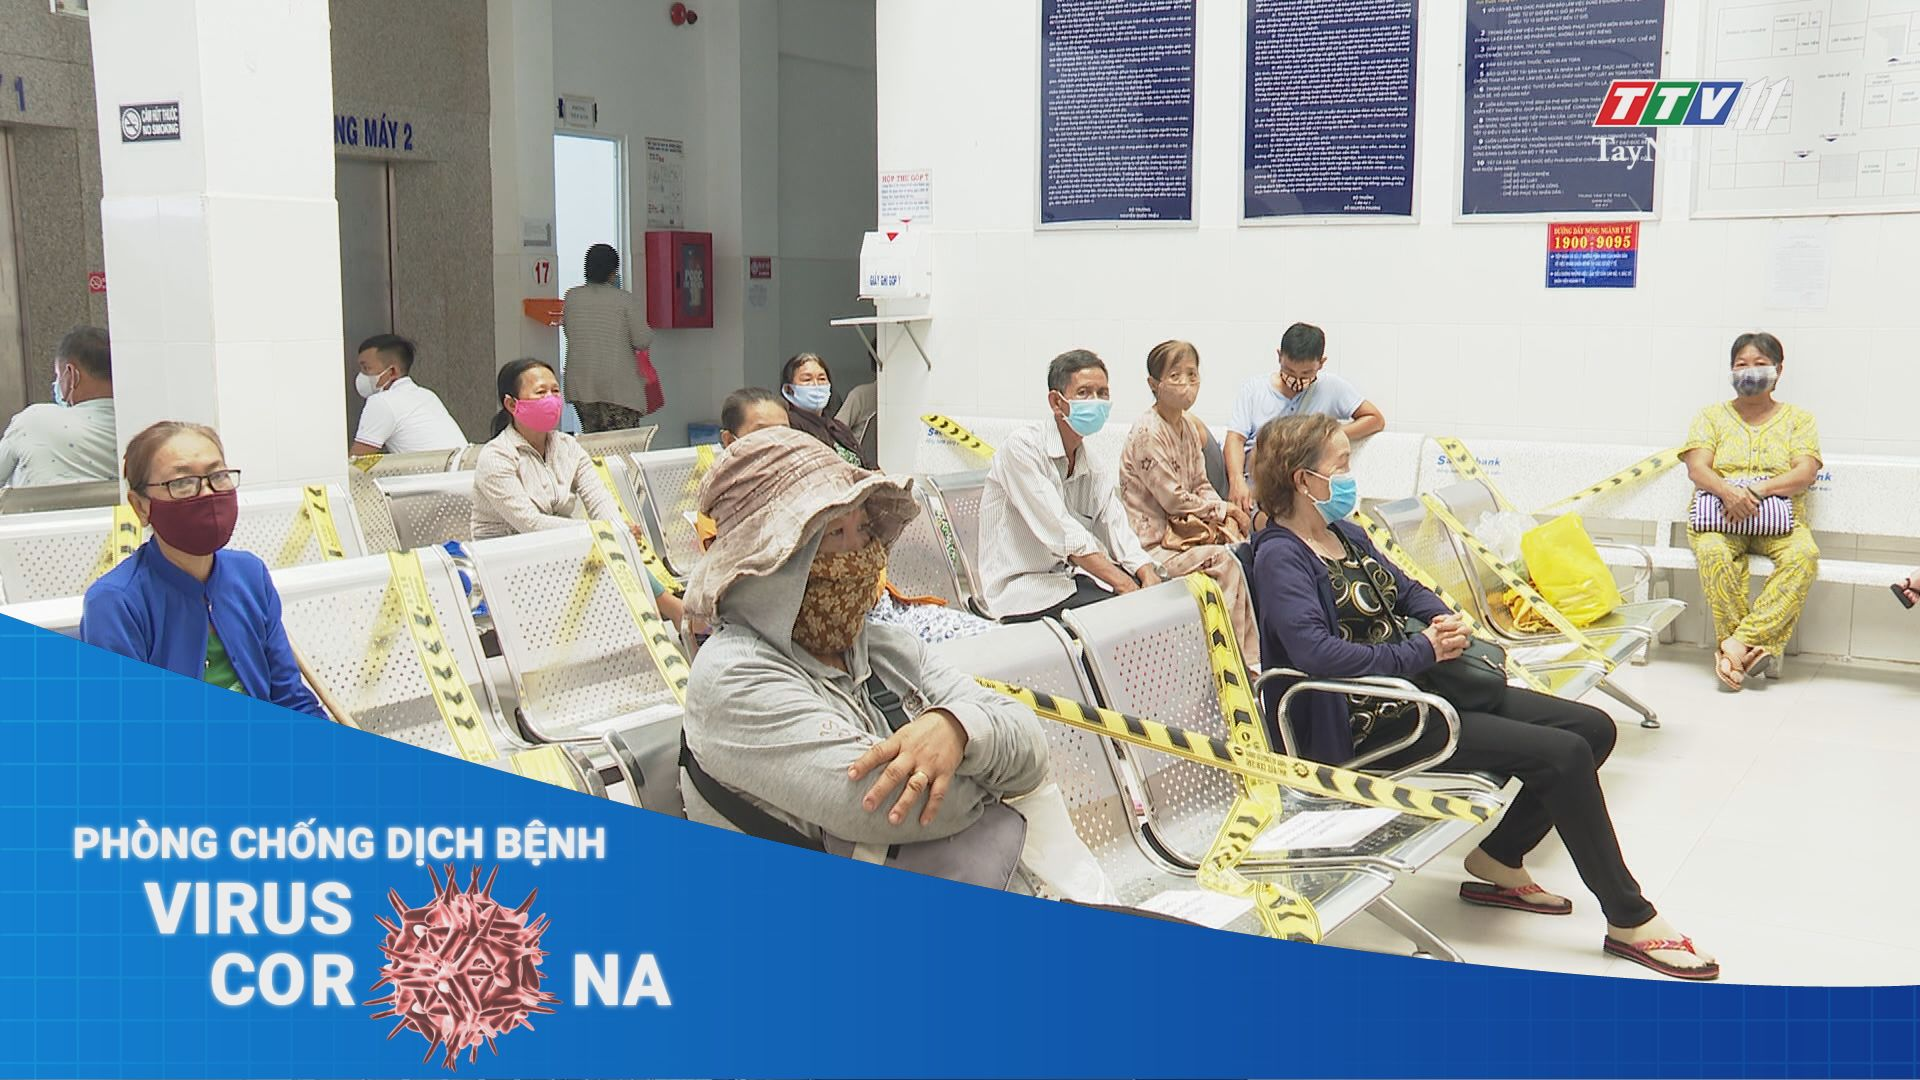 Chú trọng phân luồng, sàng lọc dịch tễ bệnh nhân tại các cơ sở y tế | THÔNG TIN DỊCH CÚM COVID-19 | TayNinhTV